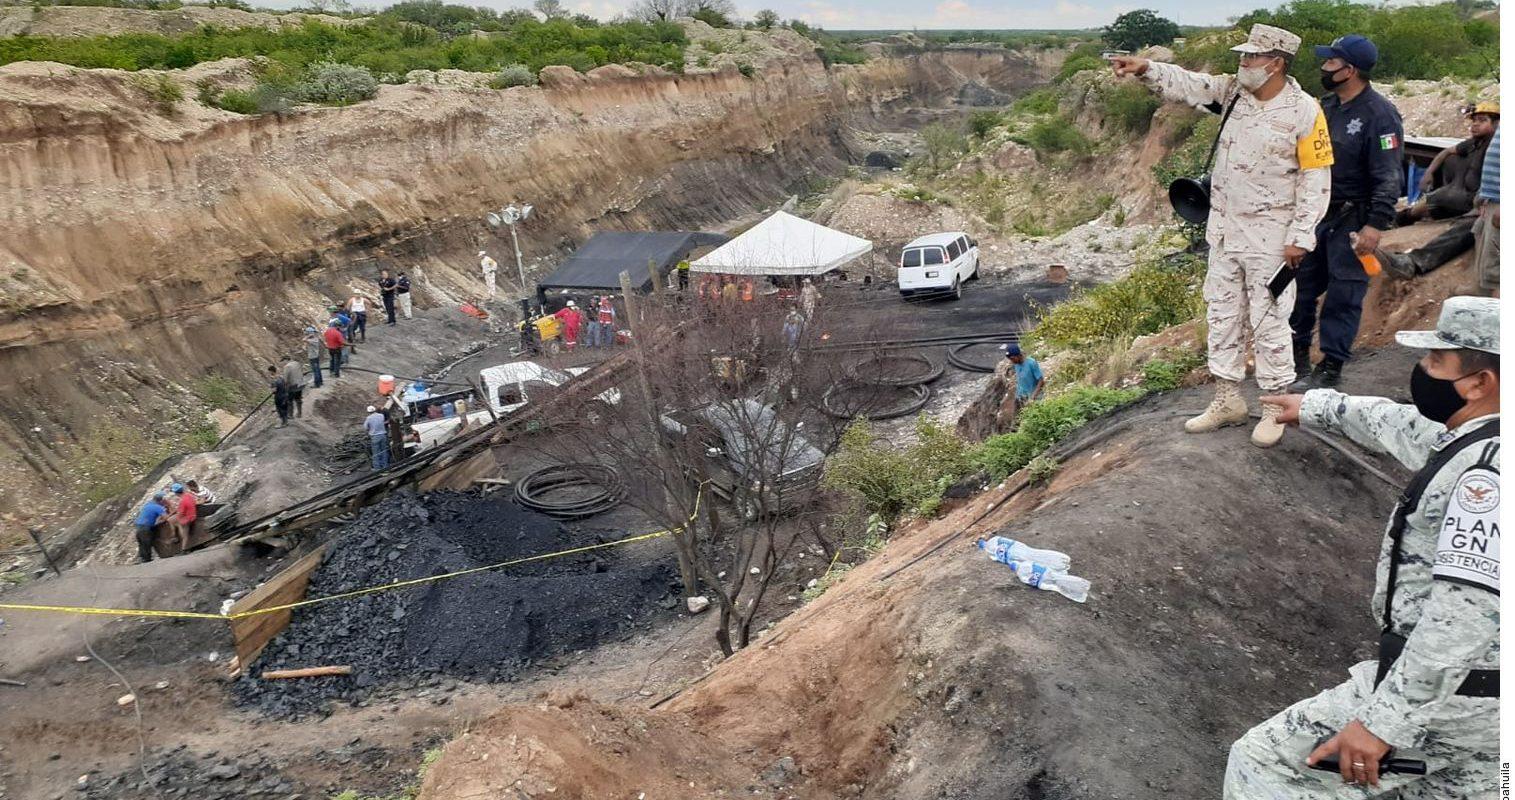 Gobierno de Coahuila apoya en todo lo requerido a rescatistas y a familias a partir del accidente sucedido en la mina de Micarán